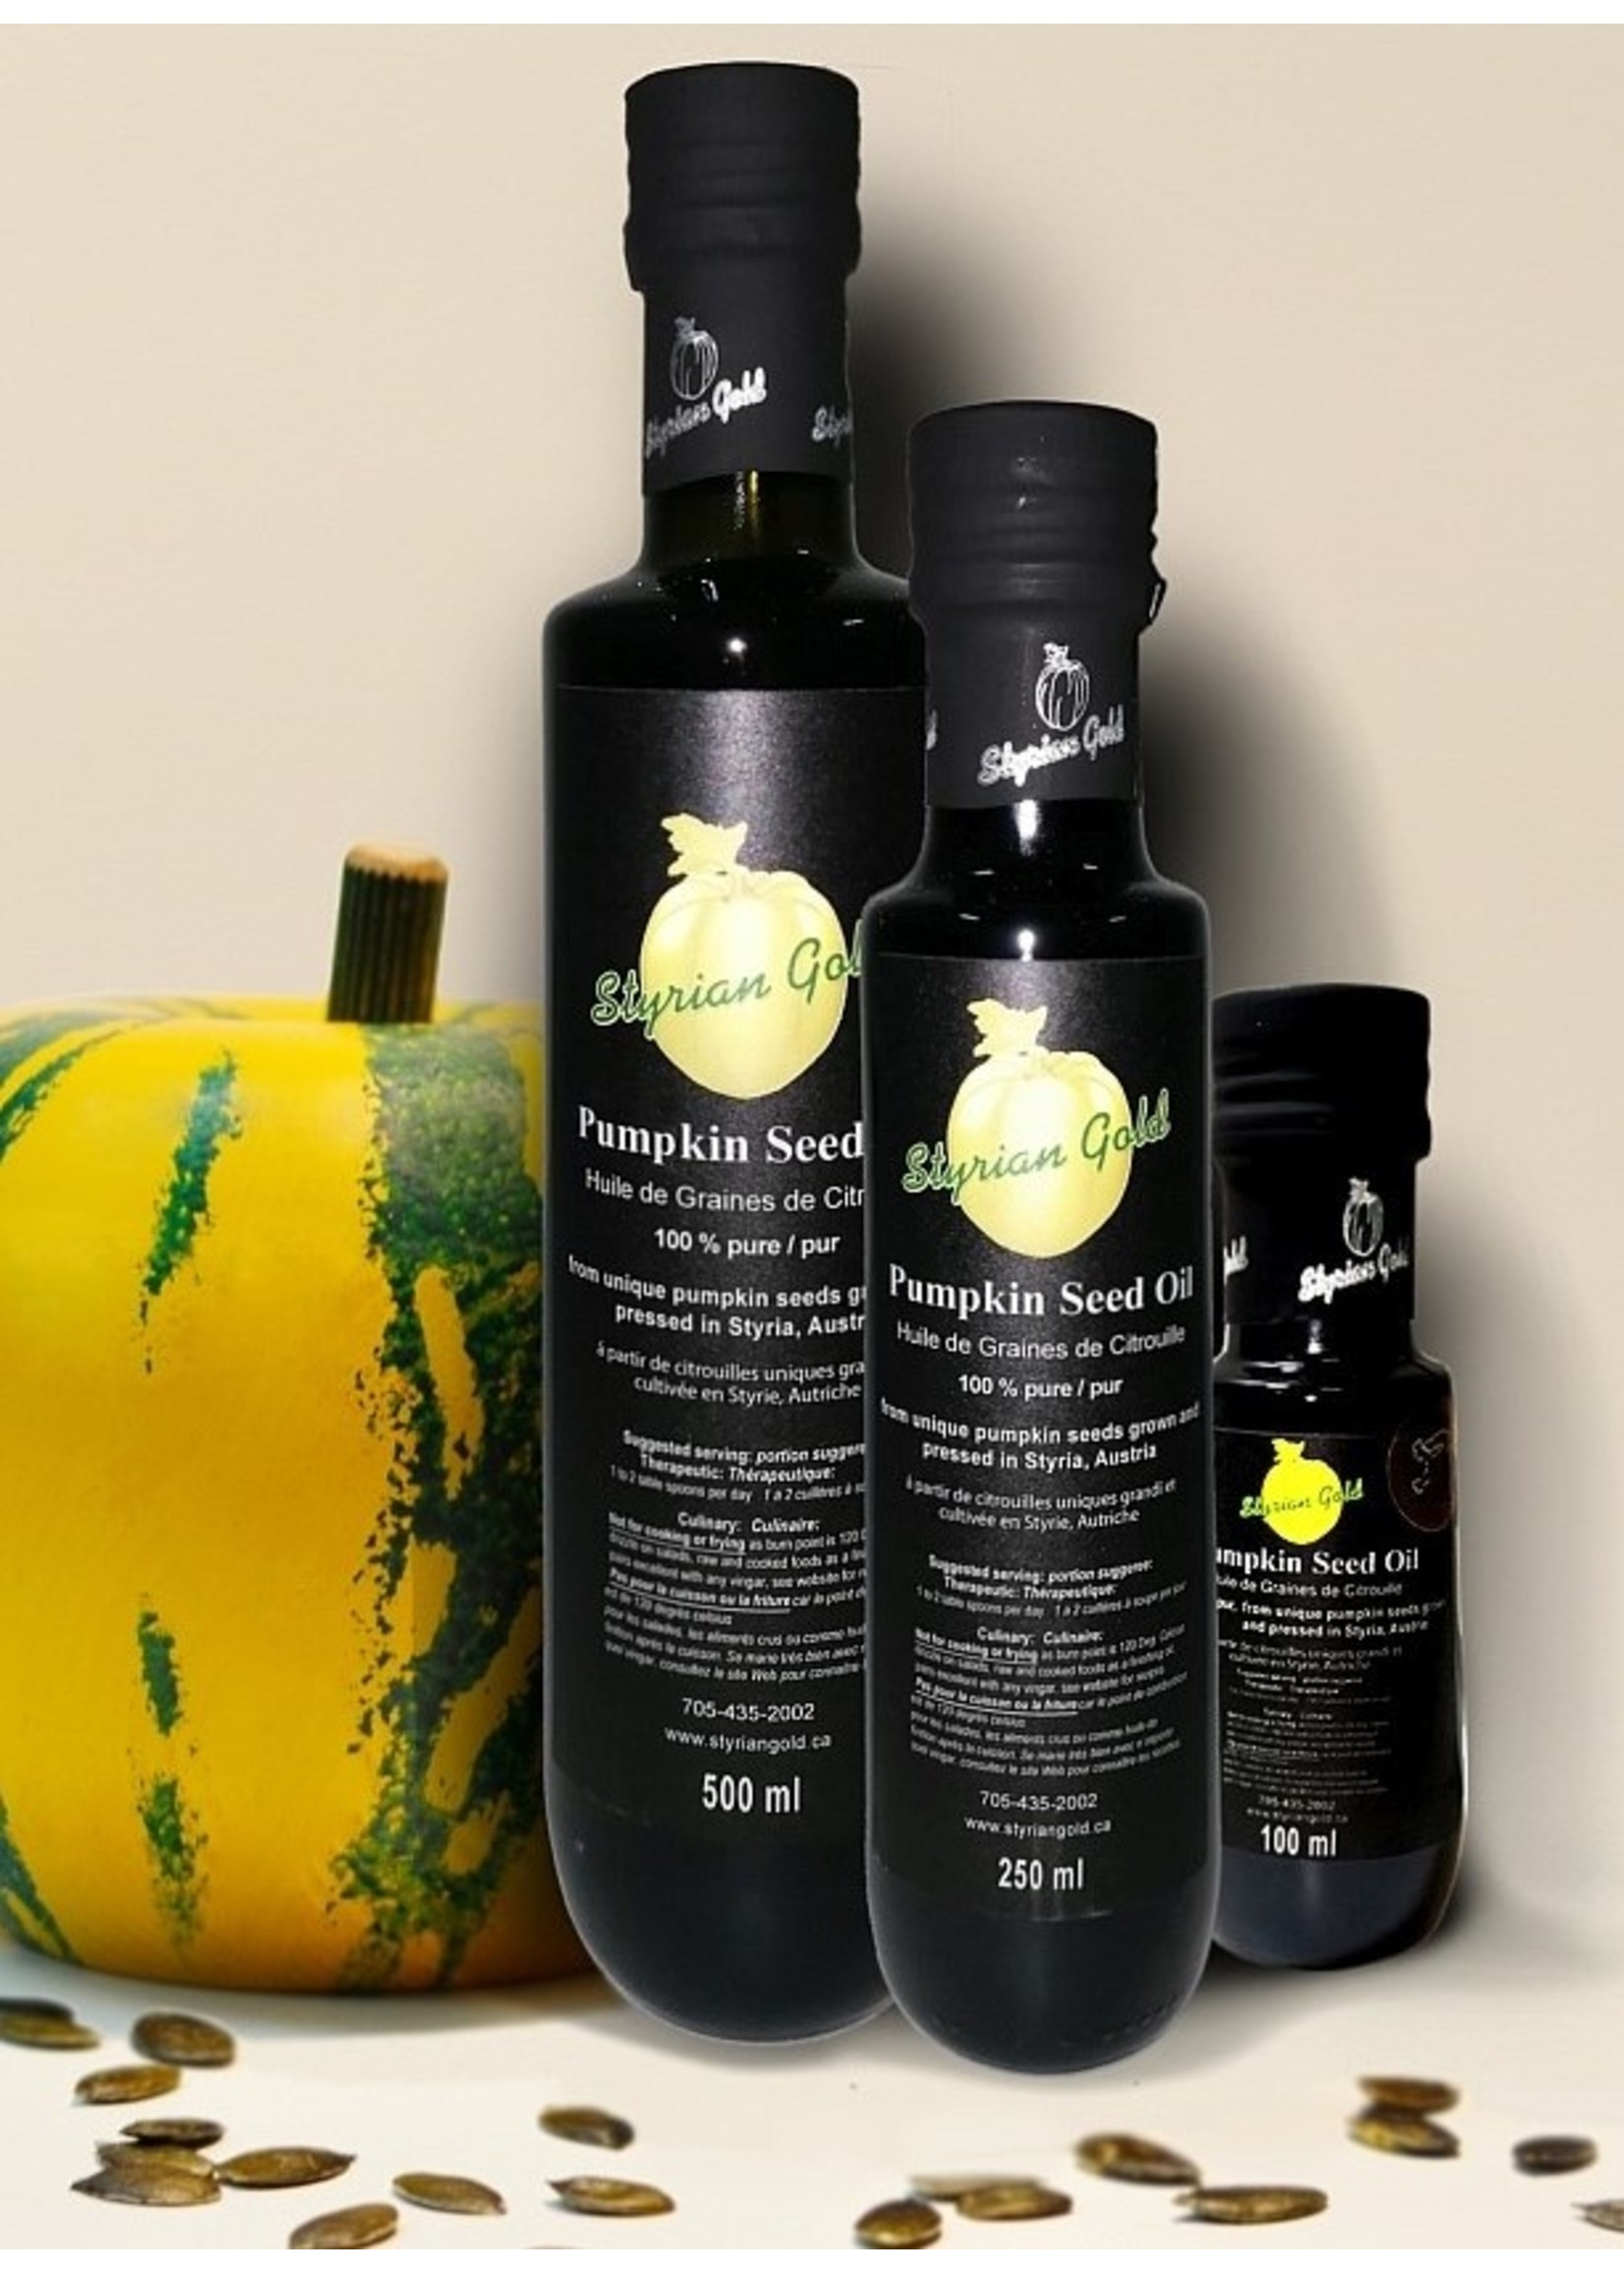 Styrian Gold Styrian Gold Glass Bottle - P.G.I. Pumpkin Seed Oil 500ml